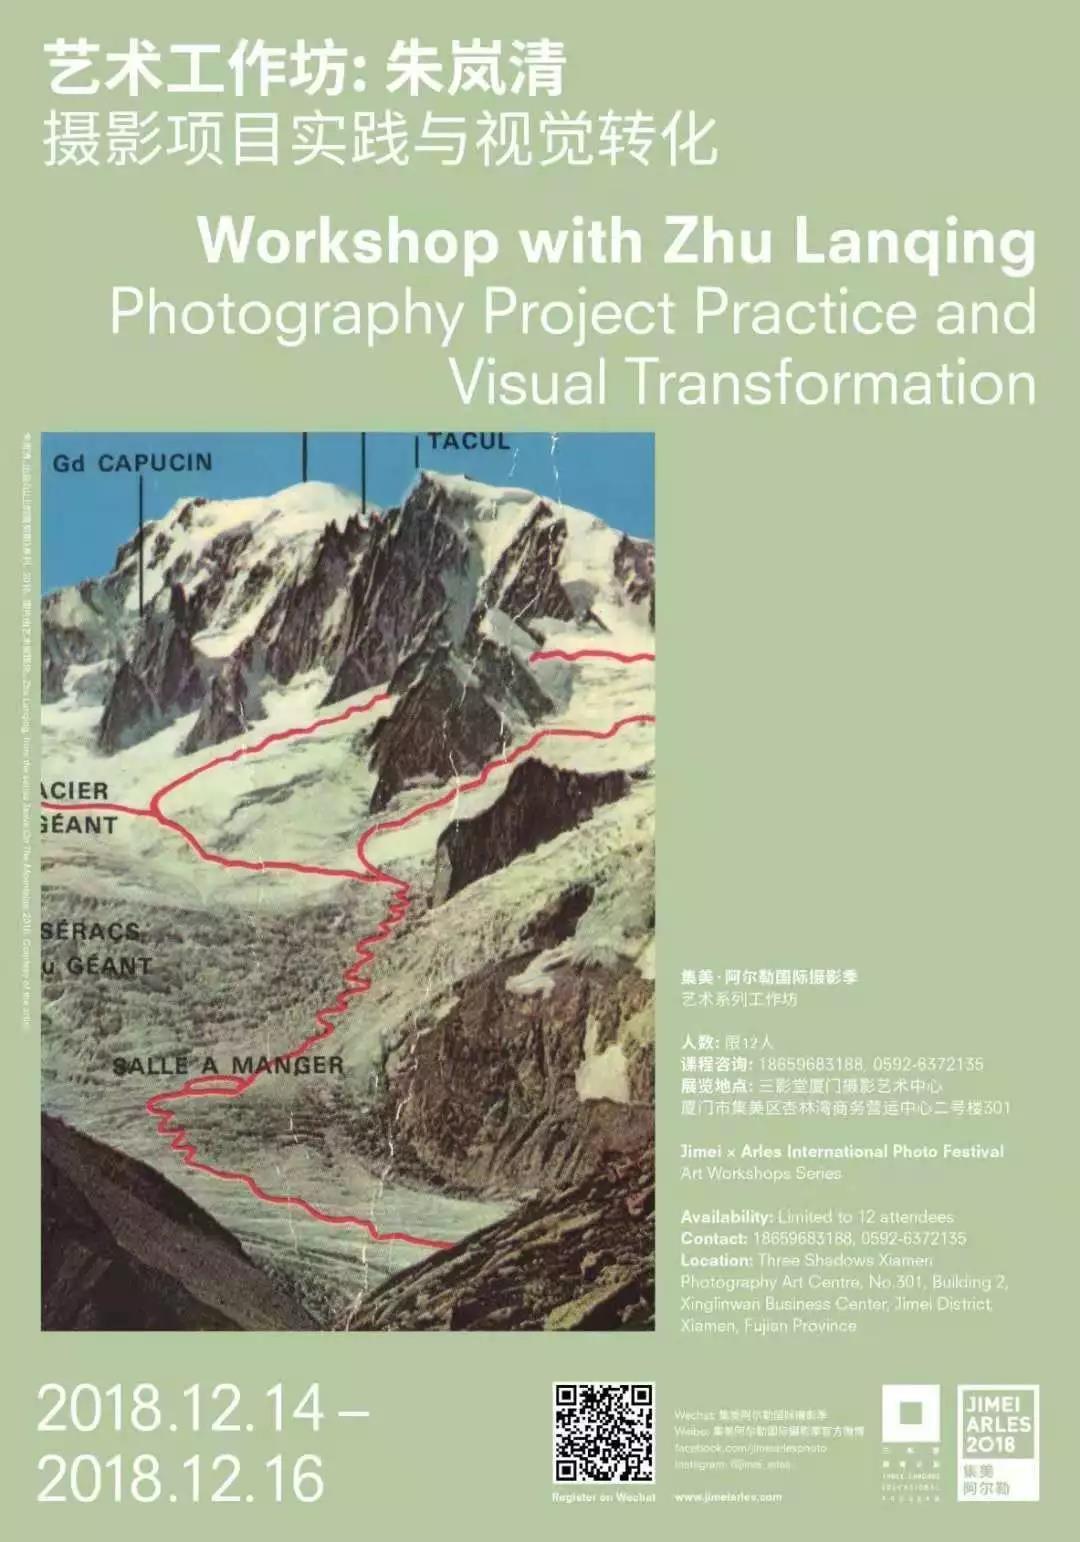 摄影项目实践与转化